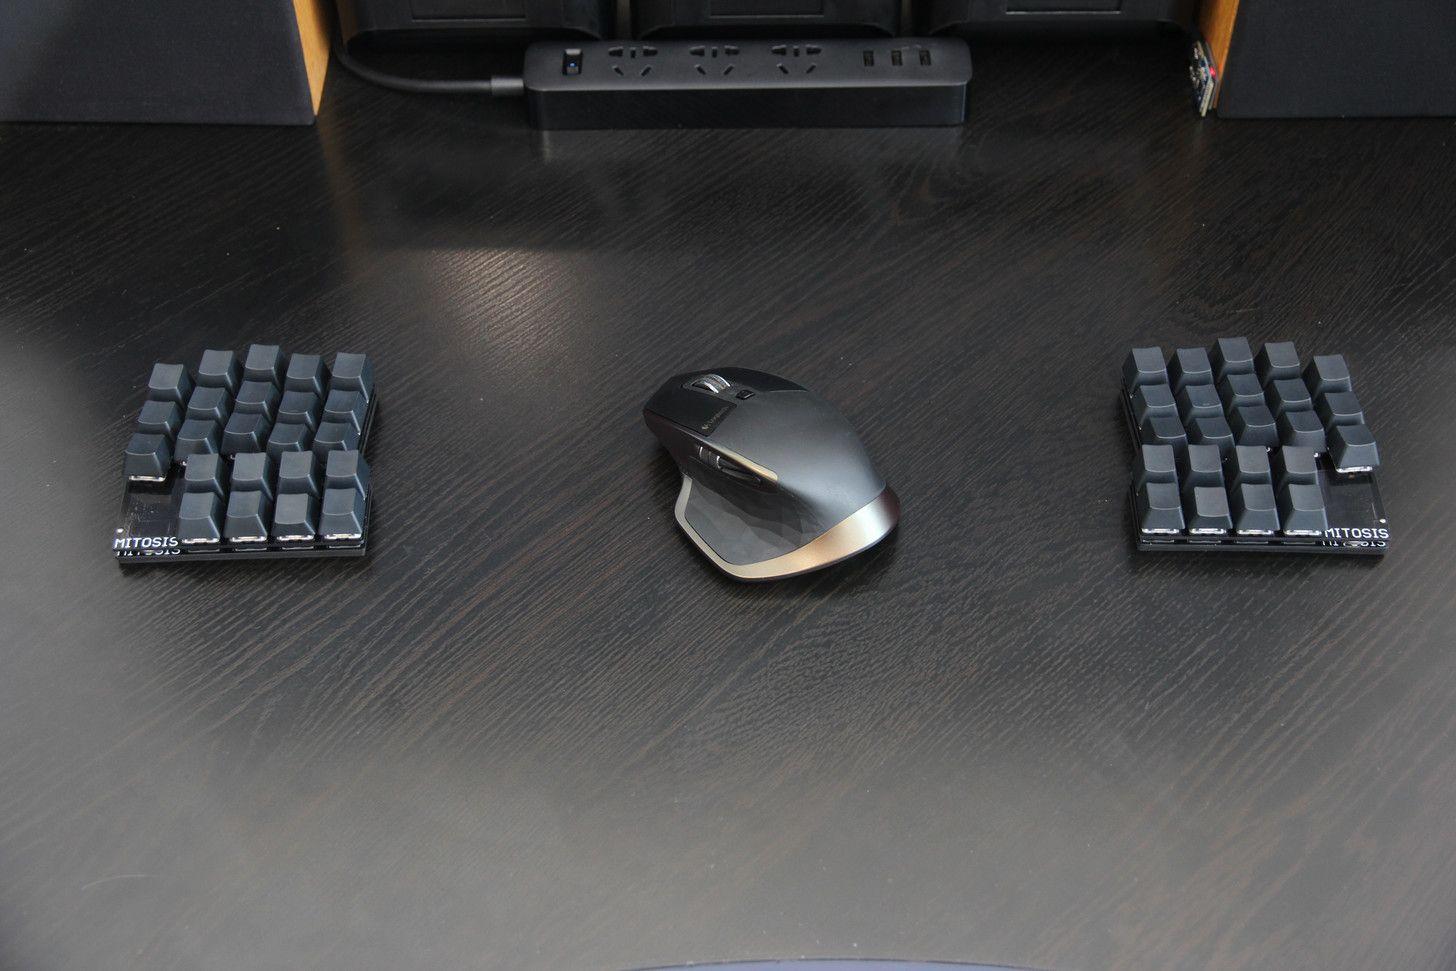 Mitosis Keyboard in 2019 | keyboard | Keyboard, Pc keyboard, Mitosis